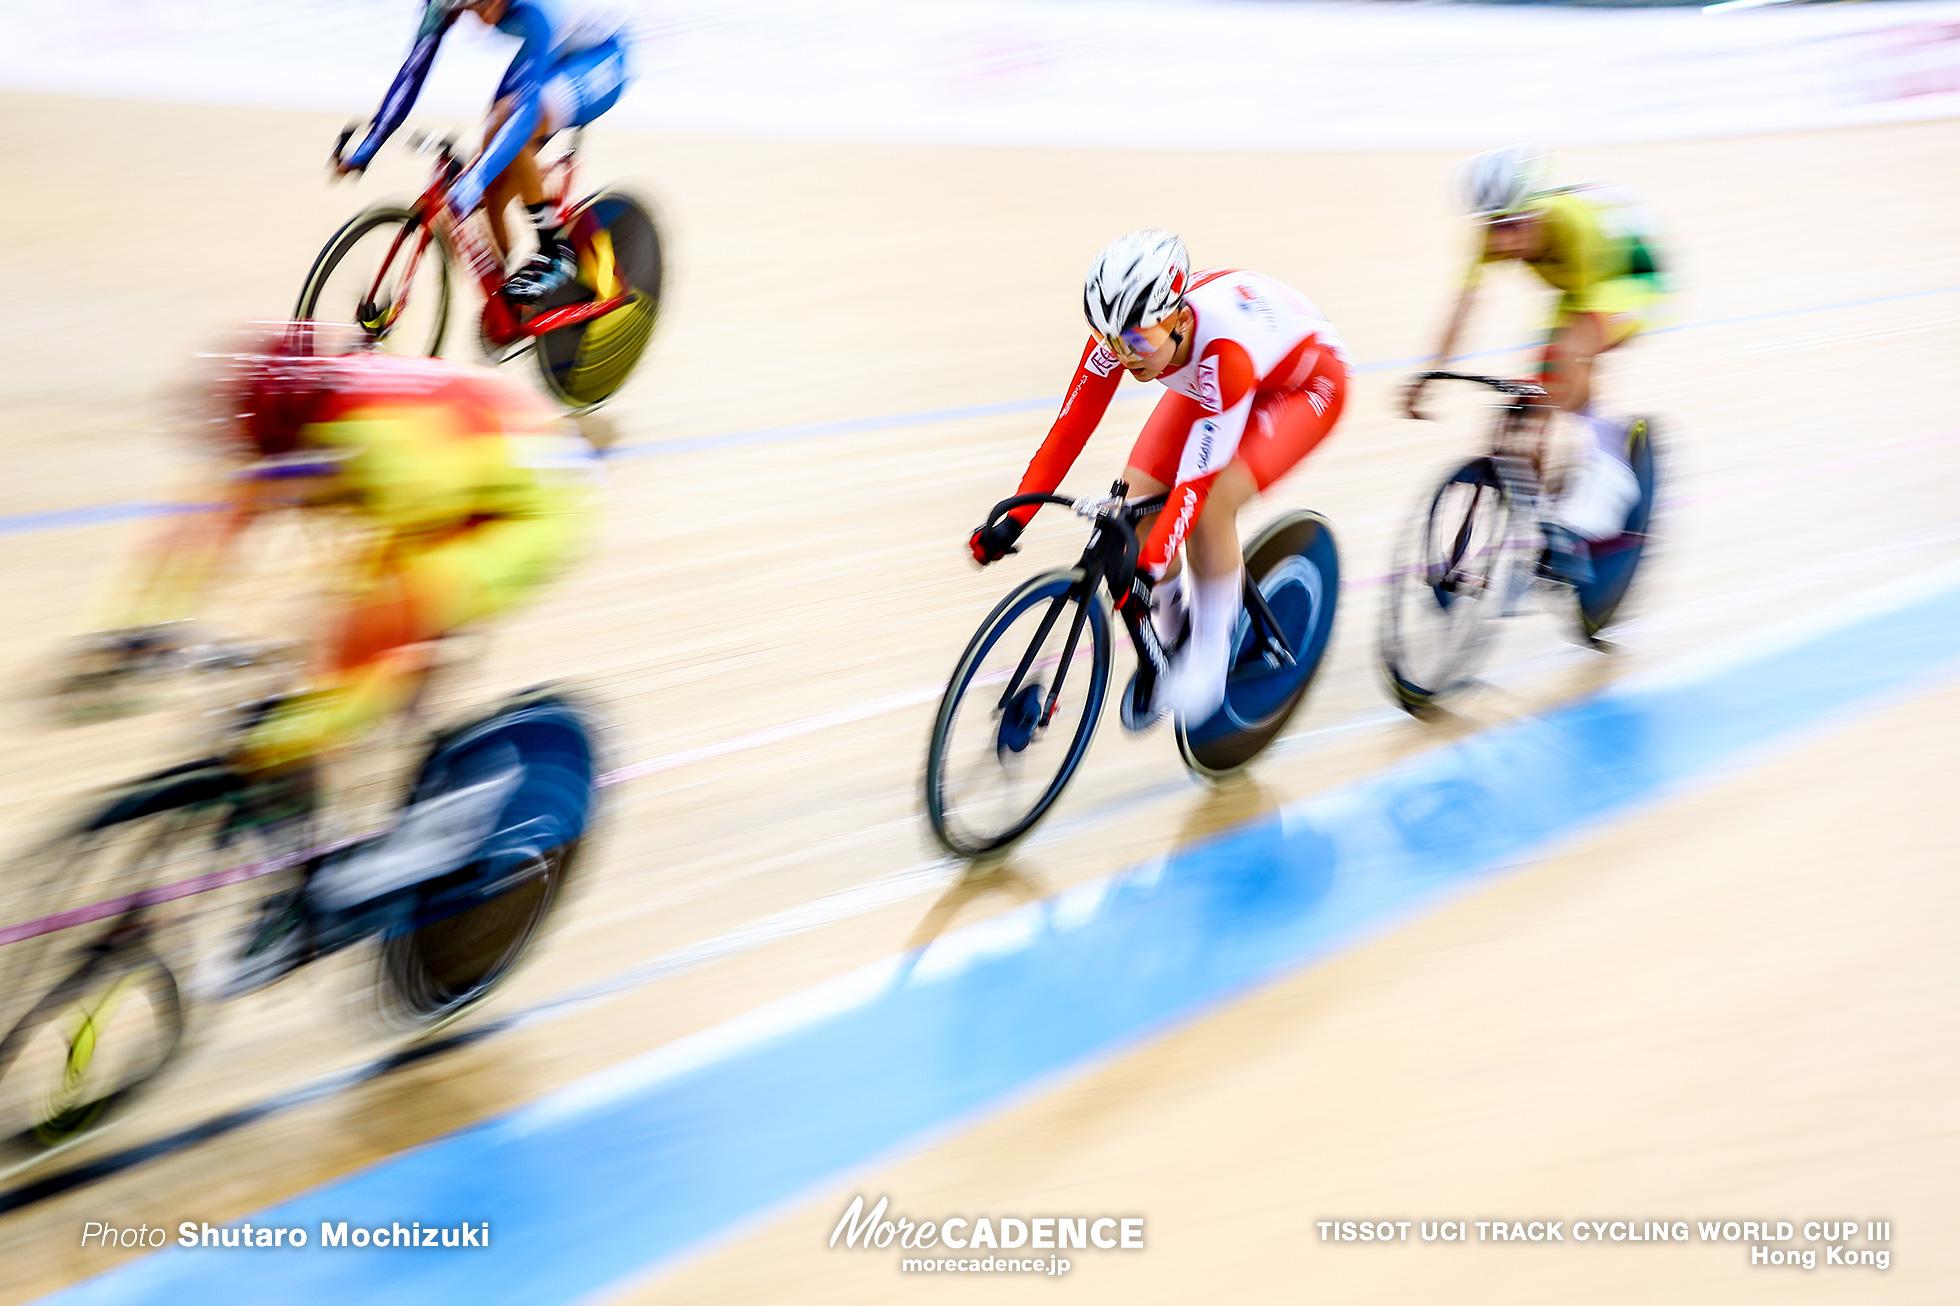 Final / Women's Scratch Race / TISSOT UCI TRACK CYCLING WORLD CUP III, Hong Kong